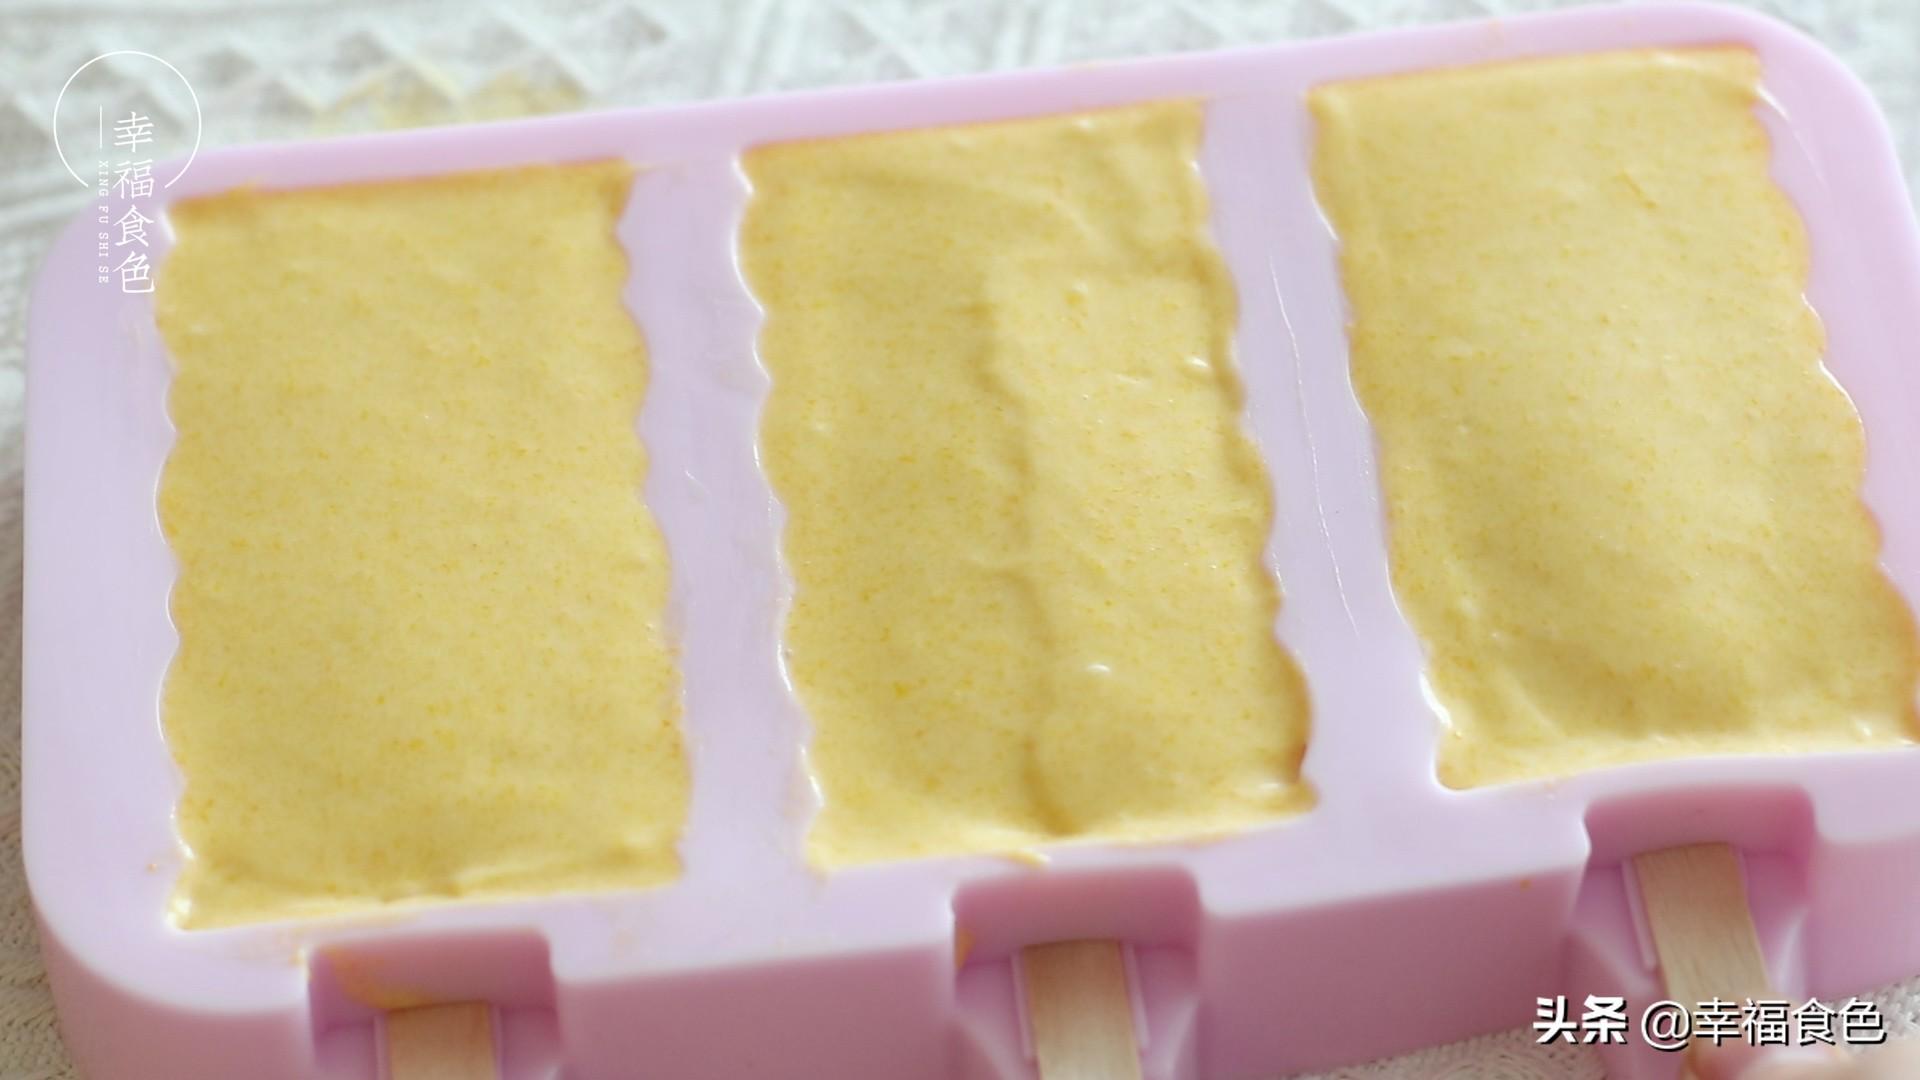 自从学会用芒果来做雪糕,家里芒果再也没放坏过,好吃又健康